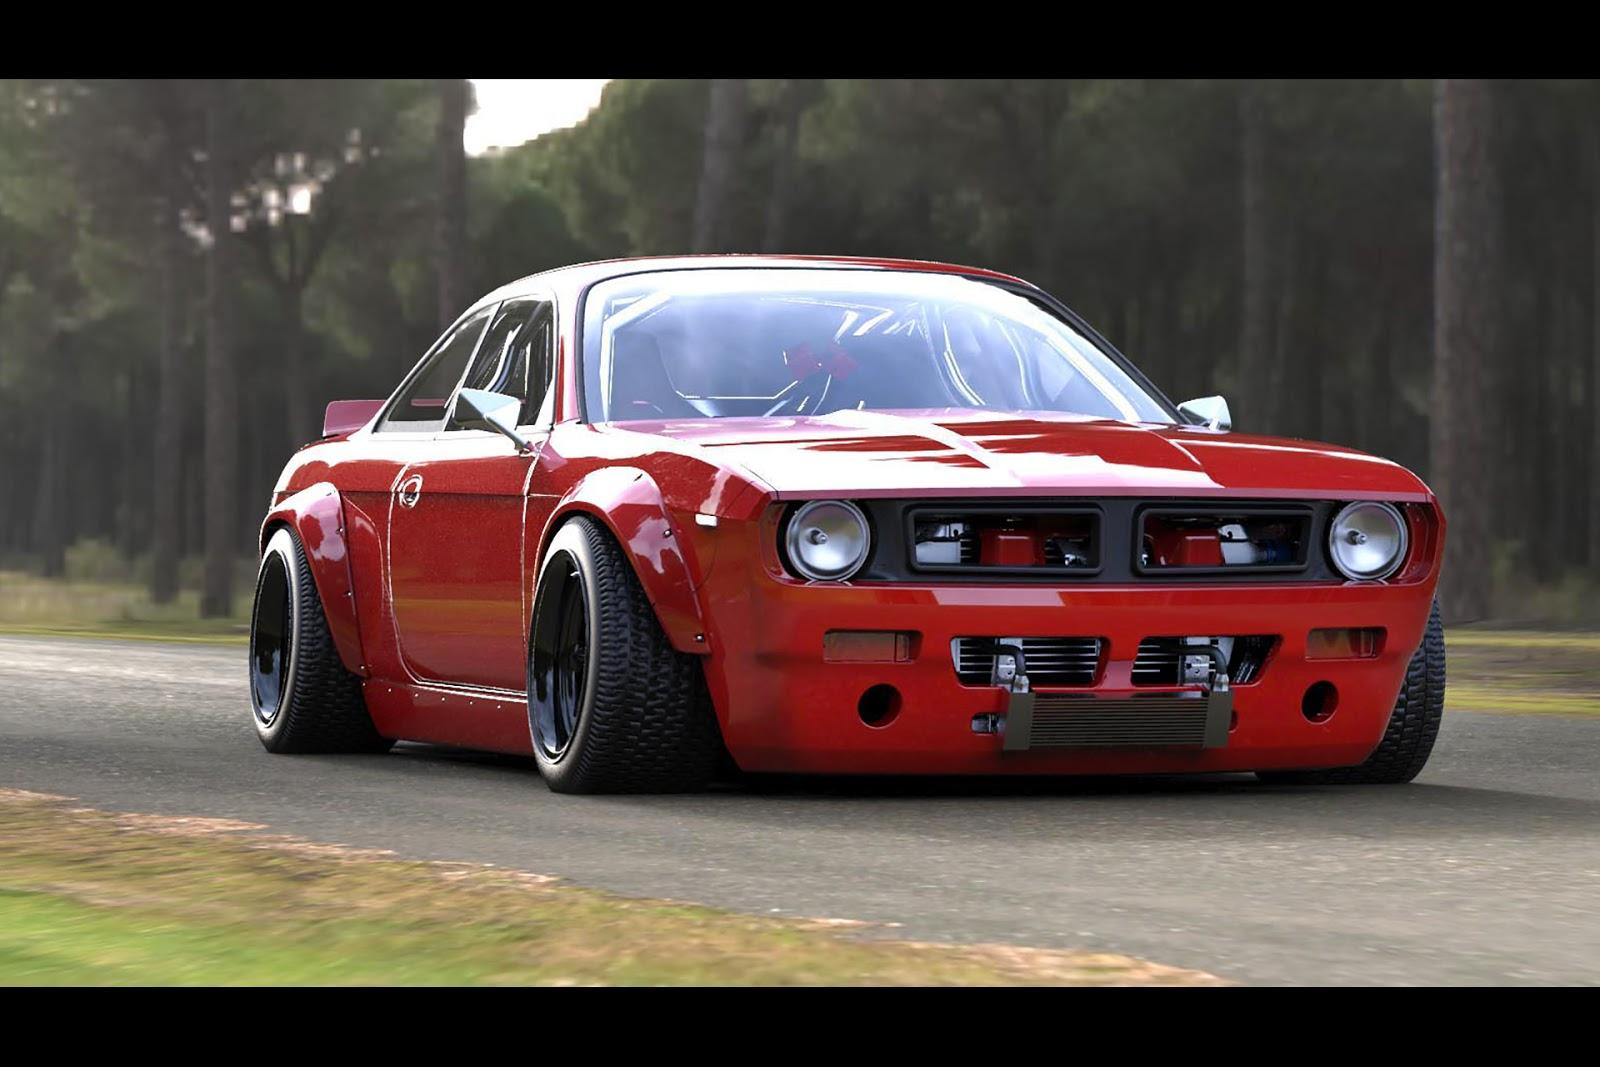 1 1 Αυτό το Rocket Bunny Nissan 240SX είναι λίγο... Αμερικανιά Classic, Nissan, Nissan 200SX, Nissan 240SX, zblog